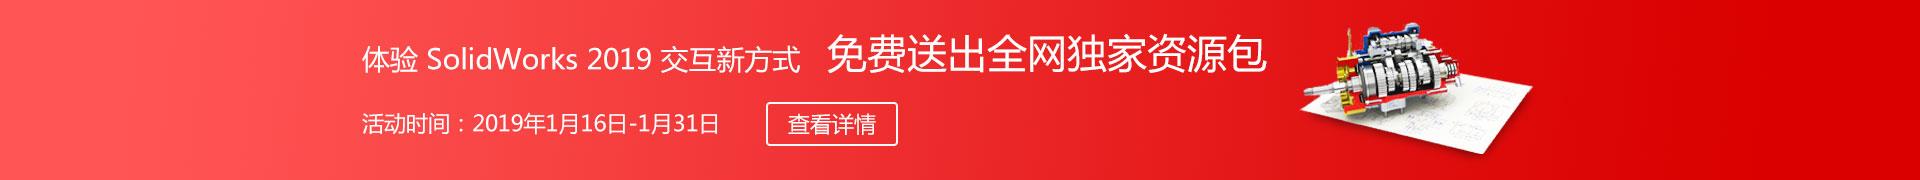 SolidWorks资源包免费送